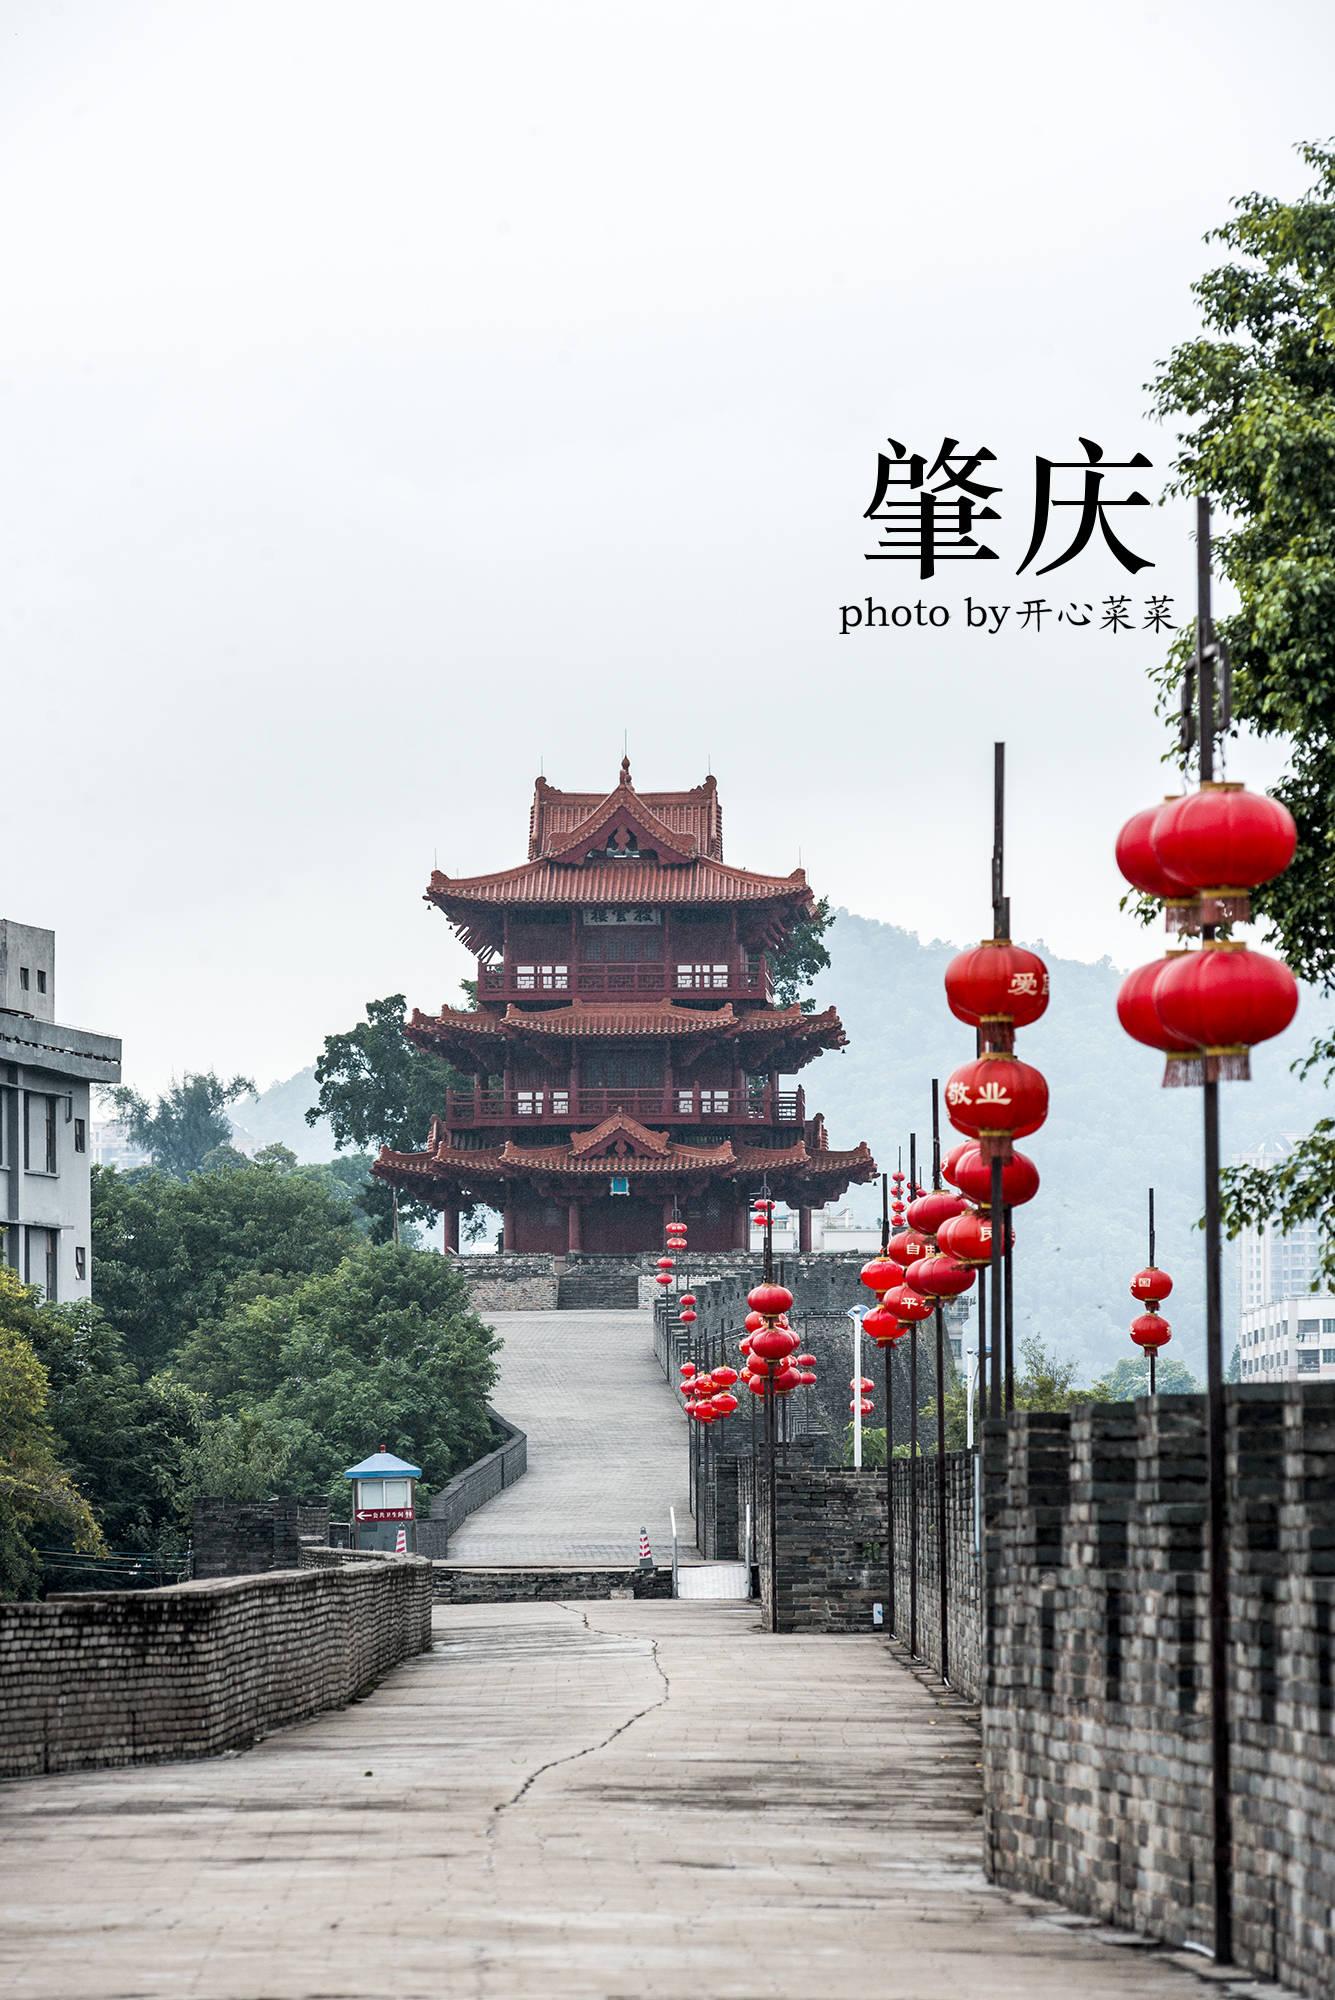 广府文化和粤语发源地不是广州而是这座城市,城内有个小万里长城